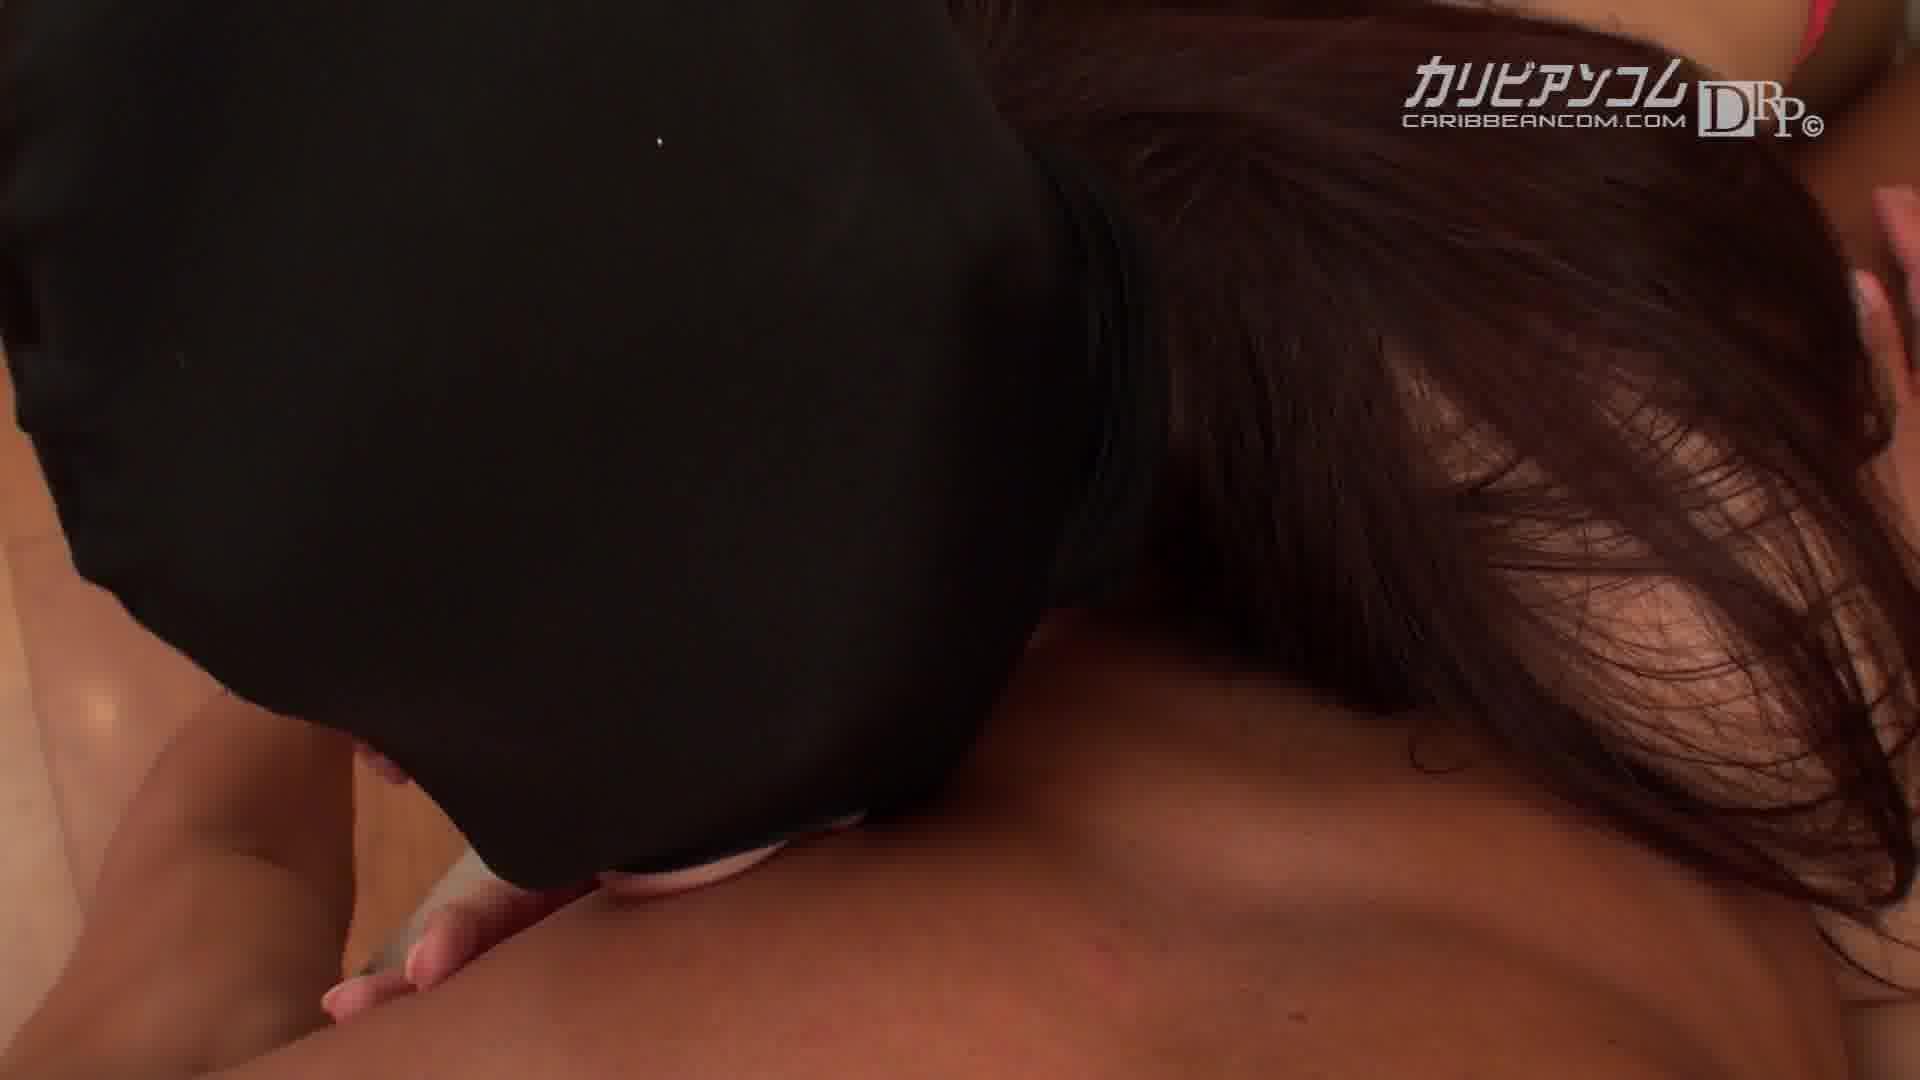 性欲処理マゾマスク ~男根さまを欲しがる潮吹き巨乳~ - 性欲処理マゾマスク 09号【巨乳・ボンテージ・潮吹き】